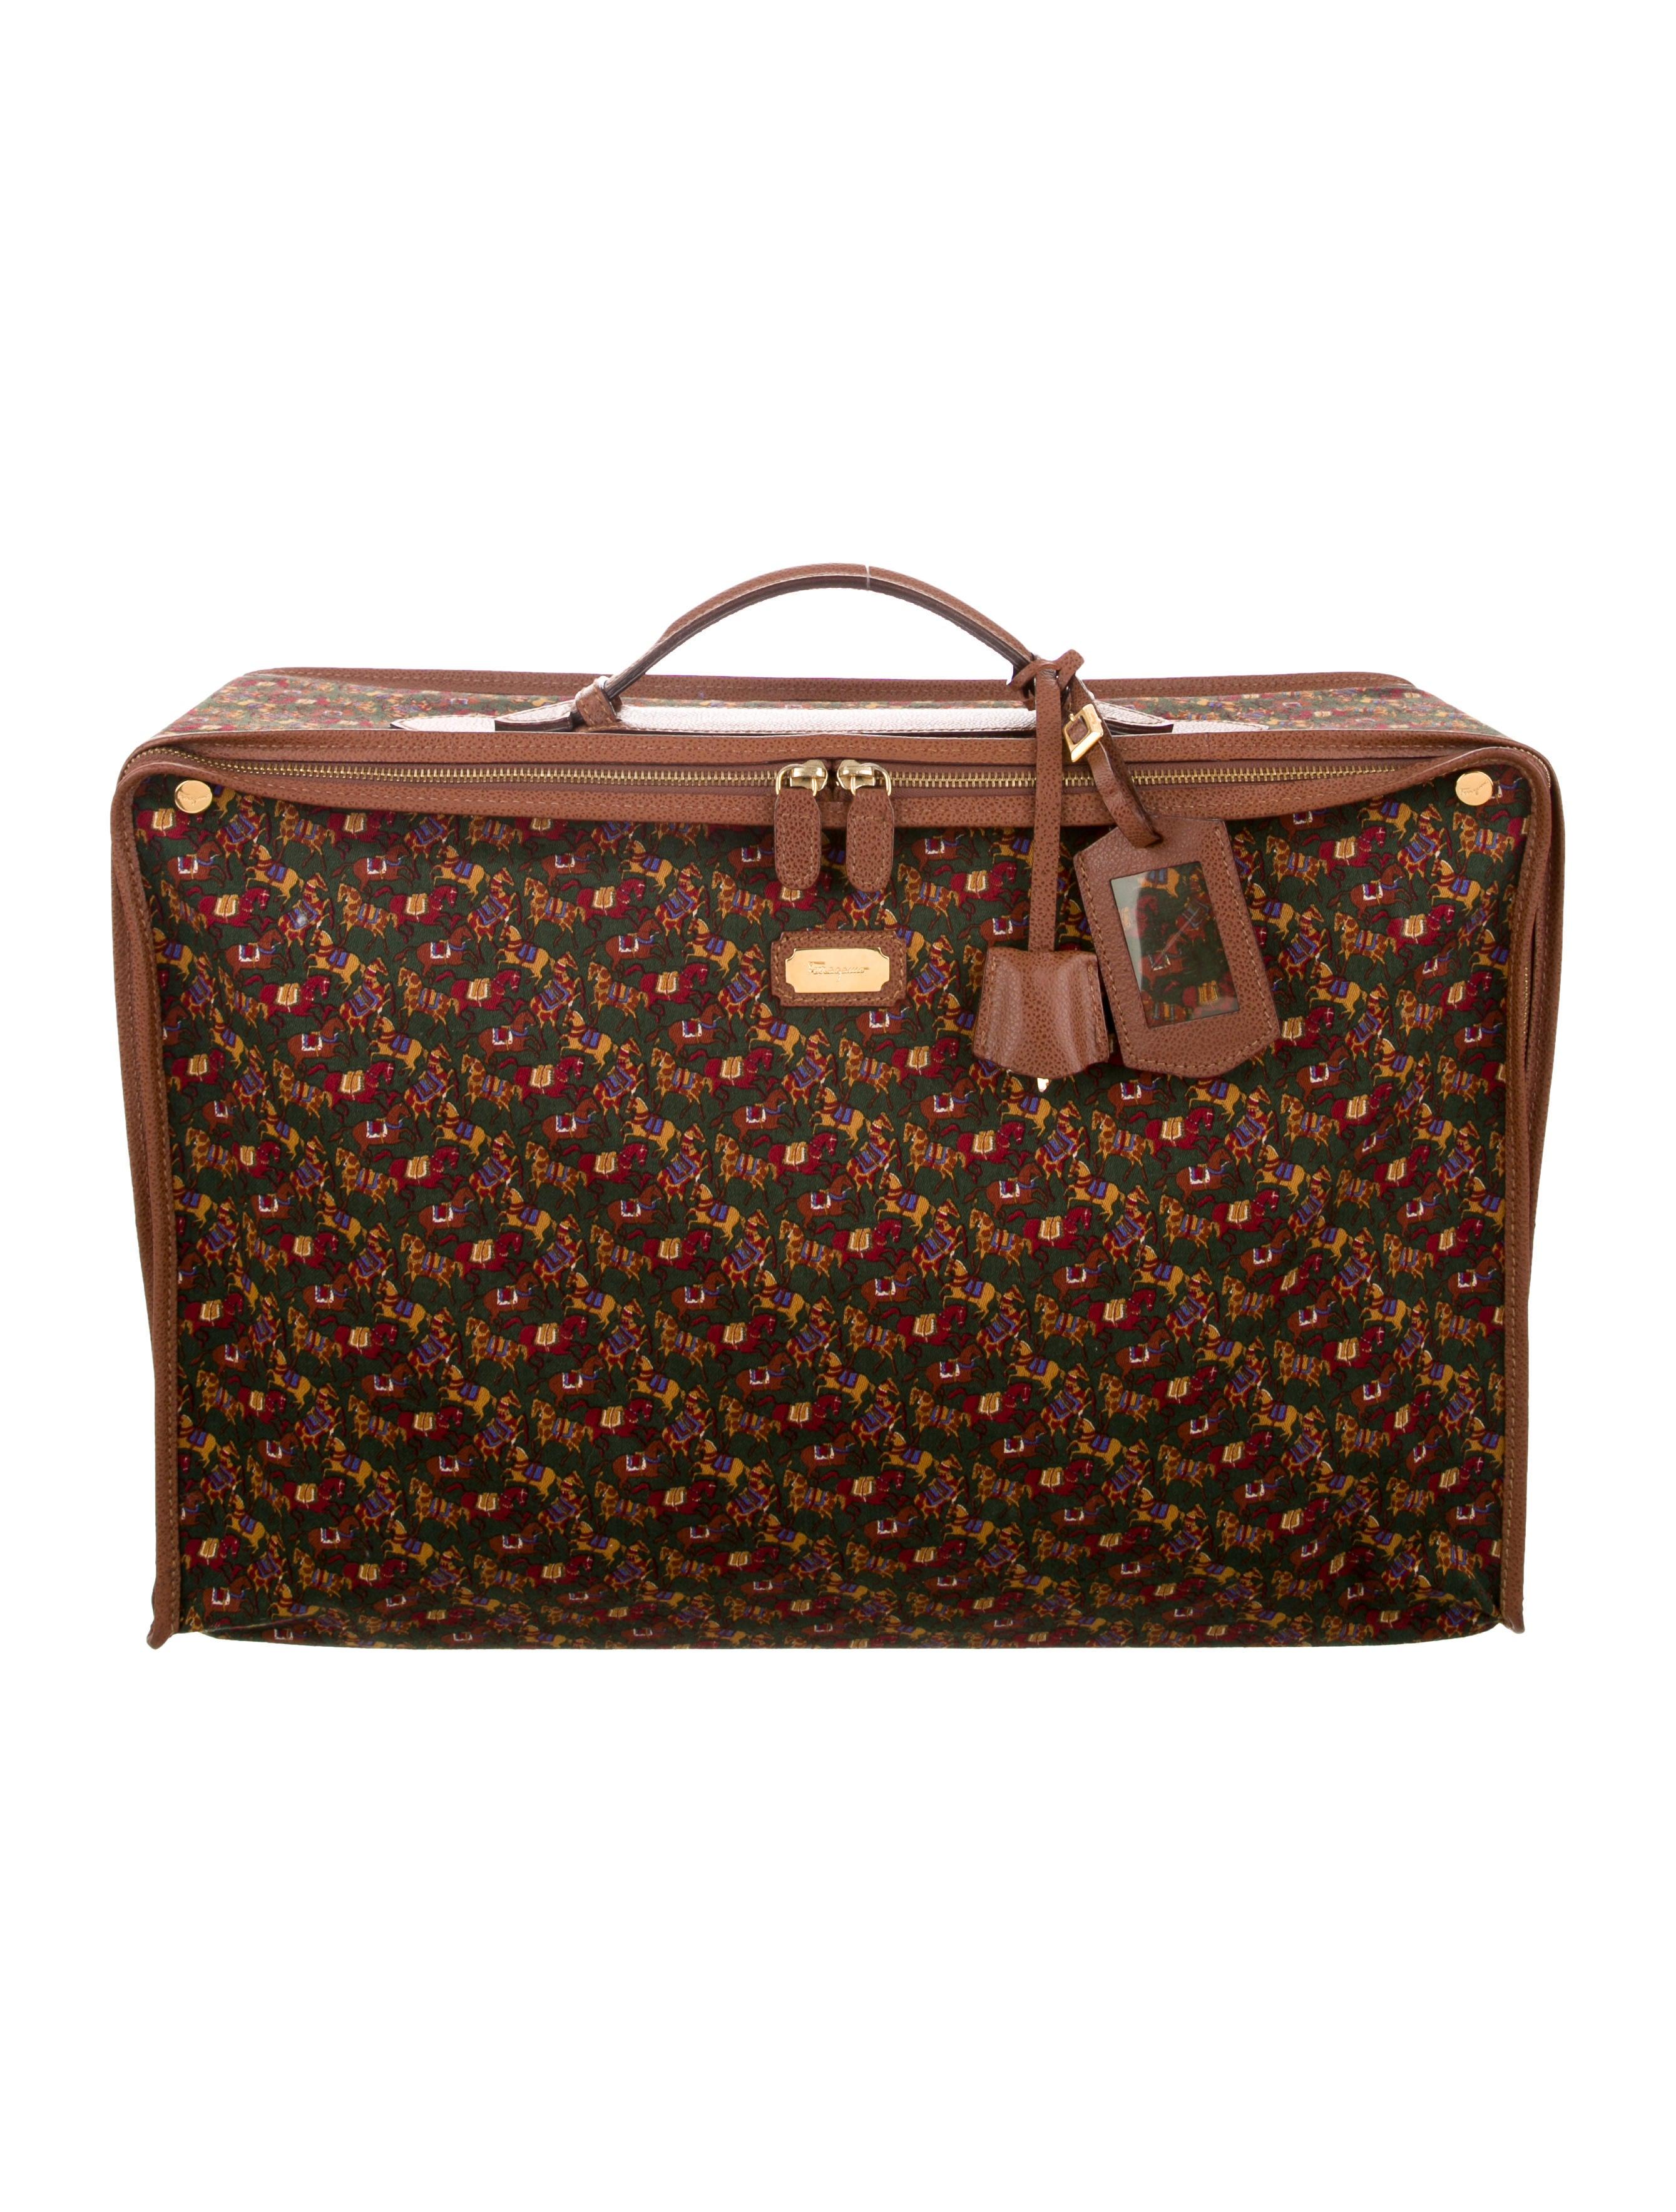 308c96c57d Salvatore Ferragamo Collapsible Travel Bag - Accessories - SAL82891 ...